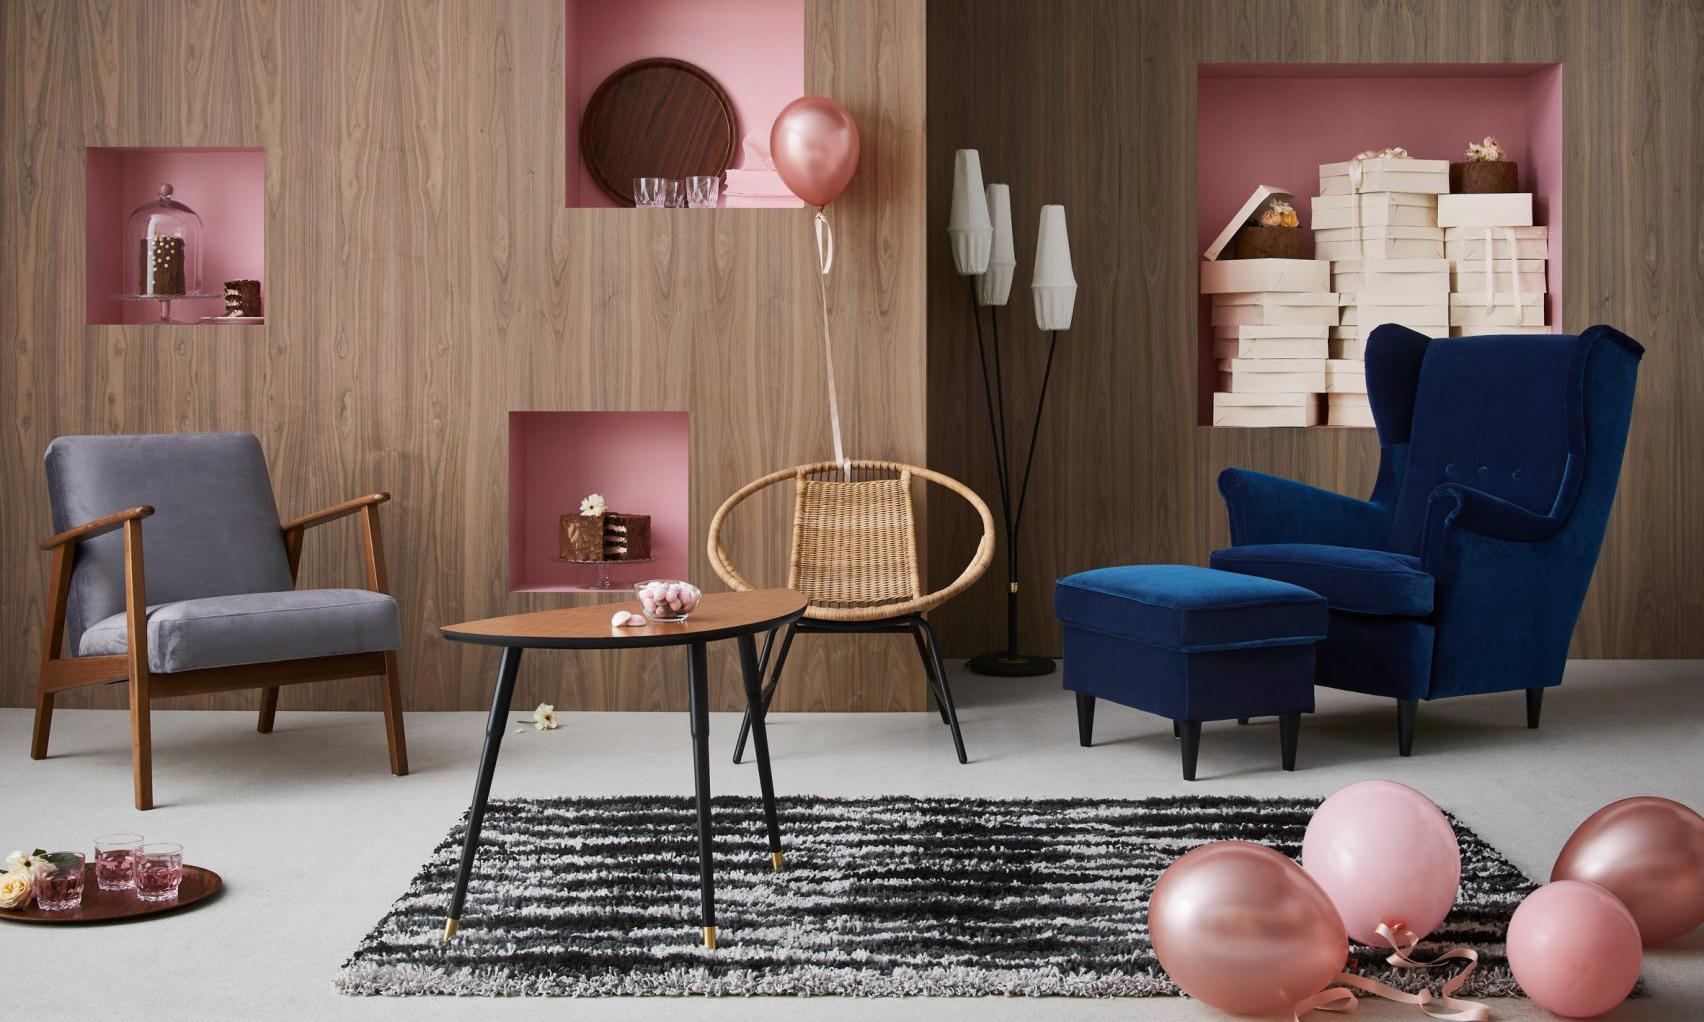 75 周年特别献礼,IKEA 复刻发售 Gratulera 经典家具系列